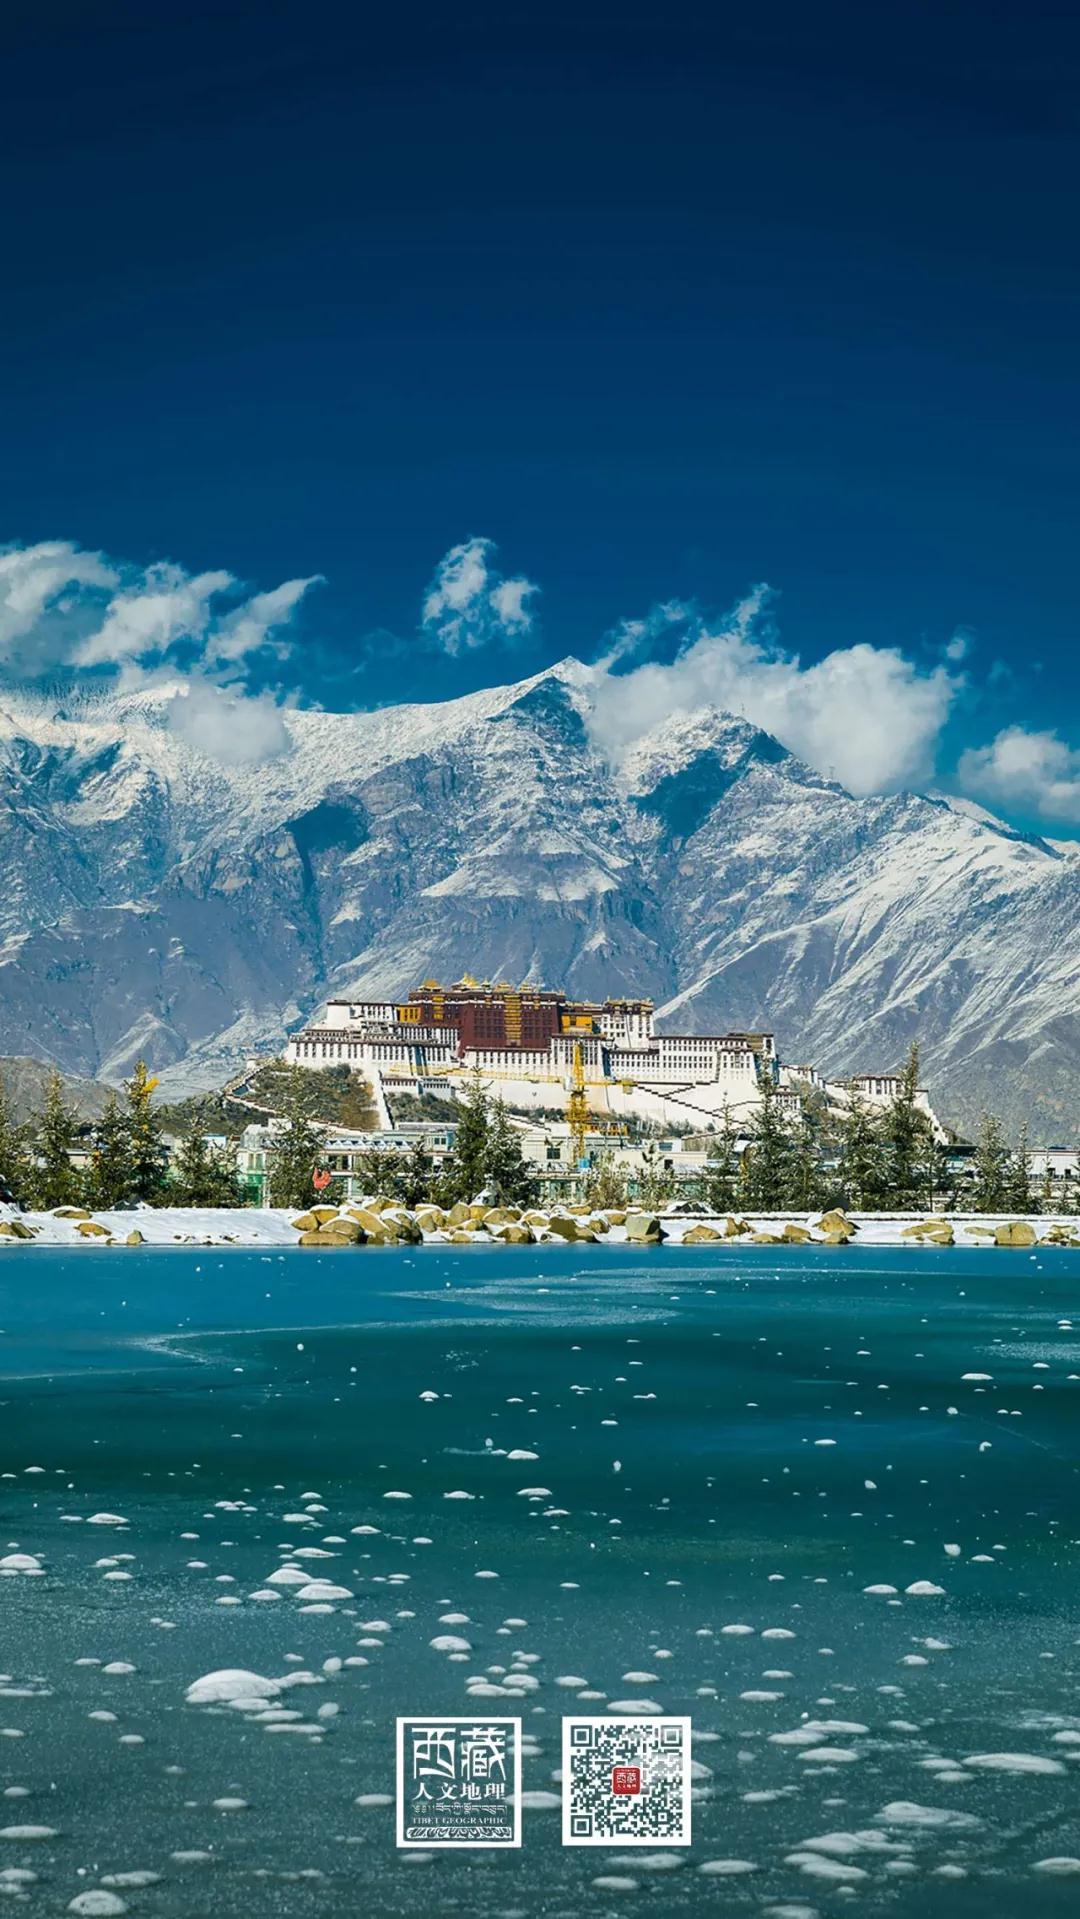 壁纸 | 冬游西藏,在冰雪世界里遇见美